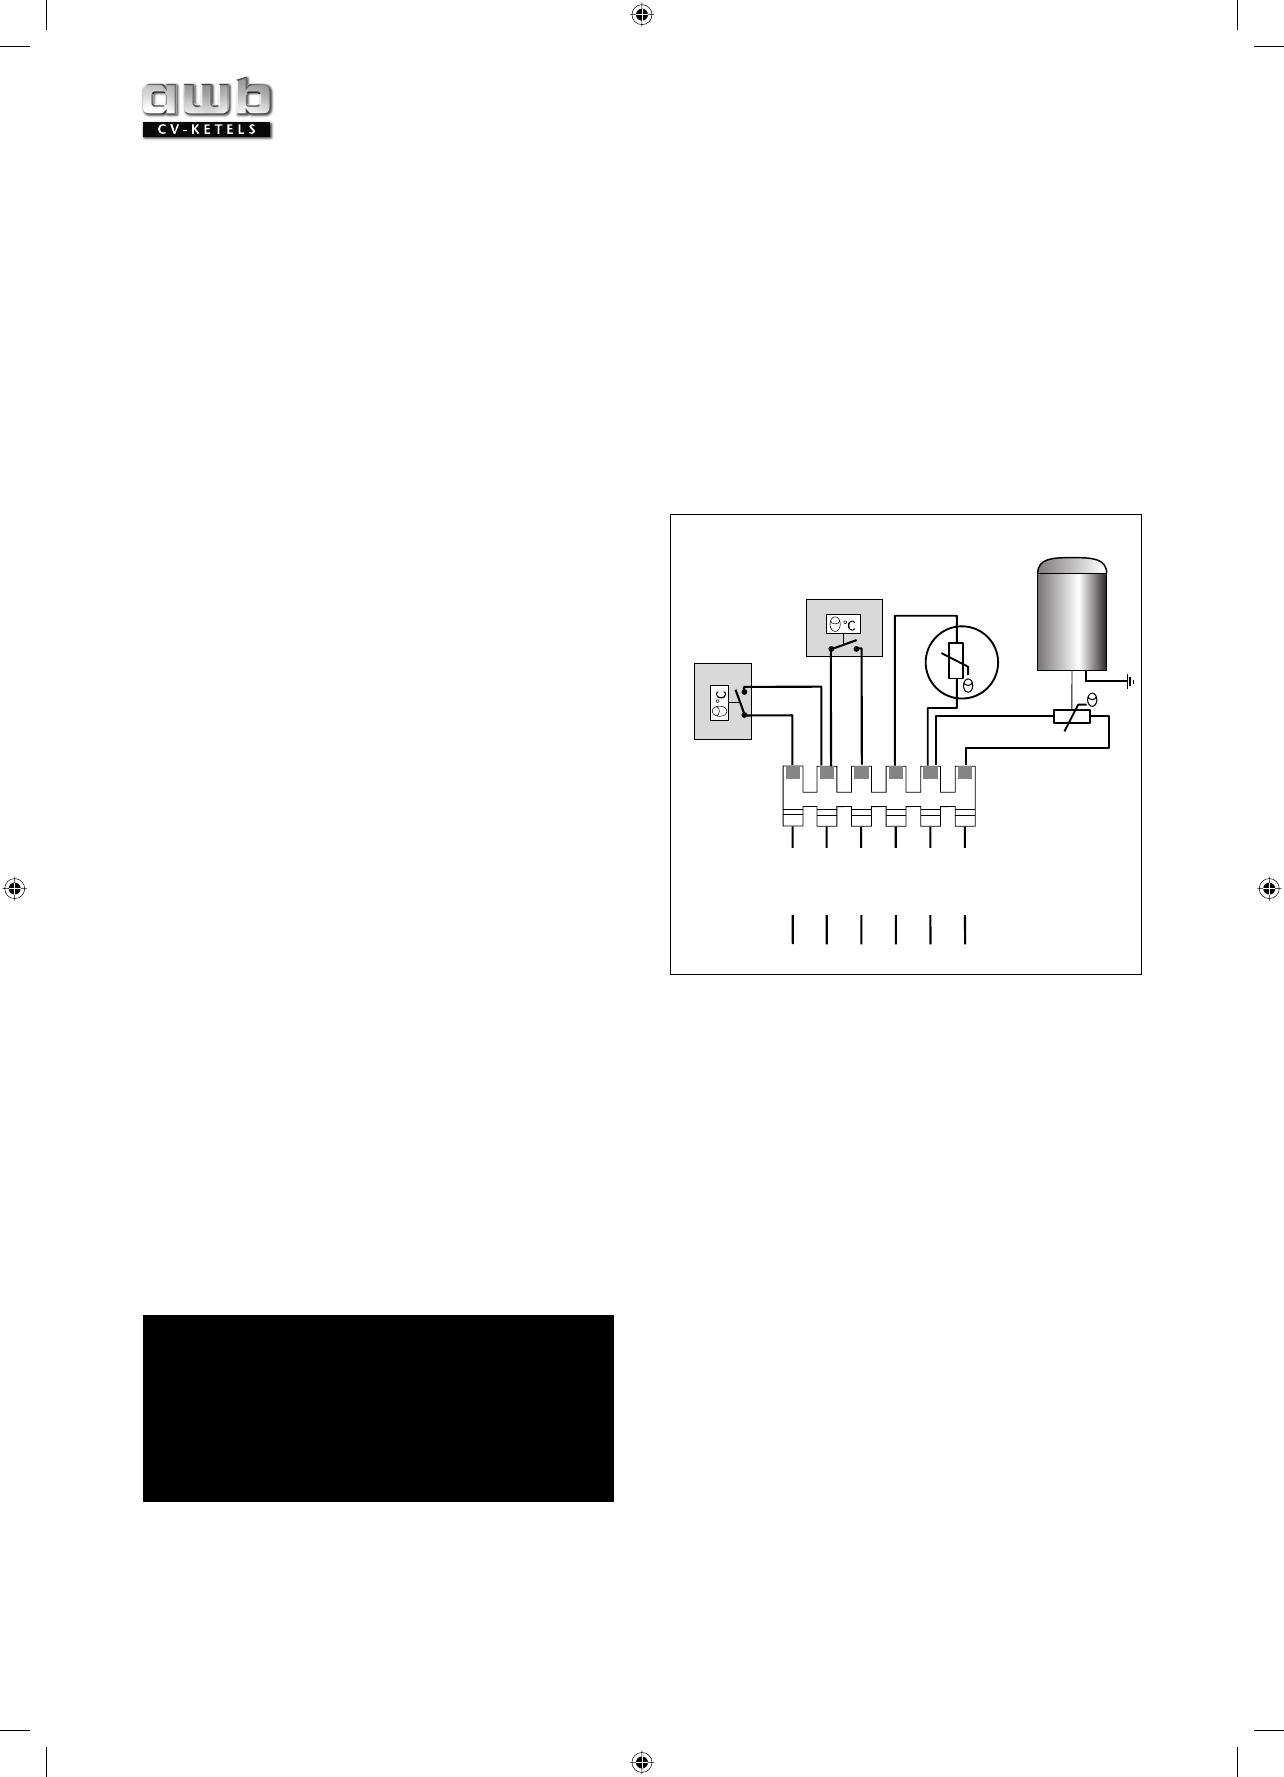 Fonkelnieuw Handleiding AWB Thermomaster VR 24 (pagina 1 van 24) (Nederlands) QA-36